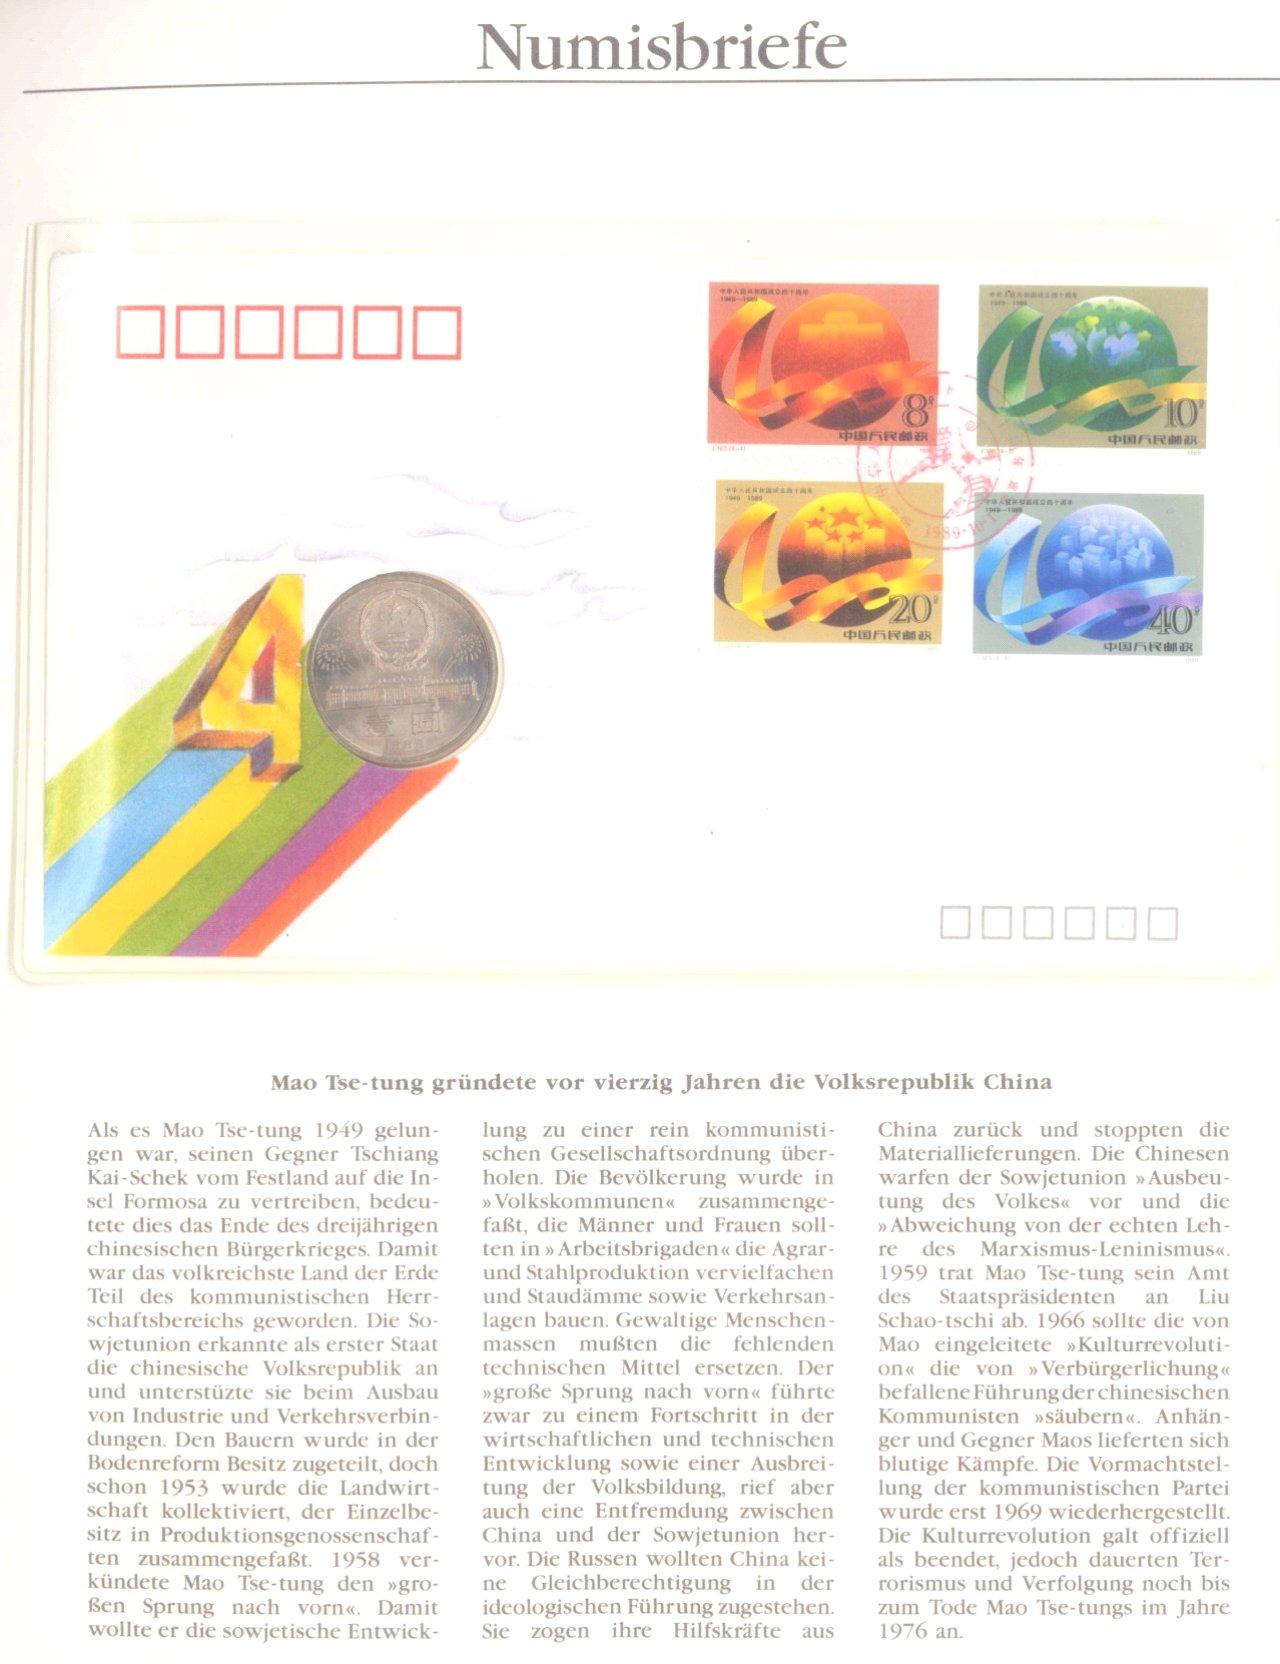 Sammlung Numisbriefe-18